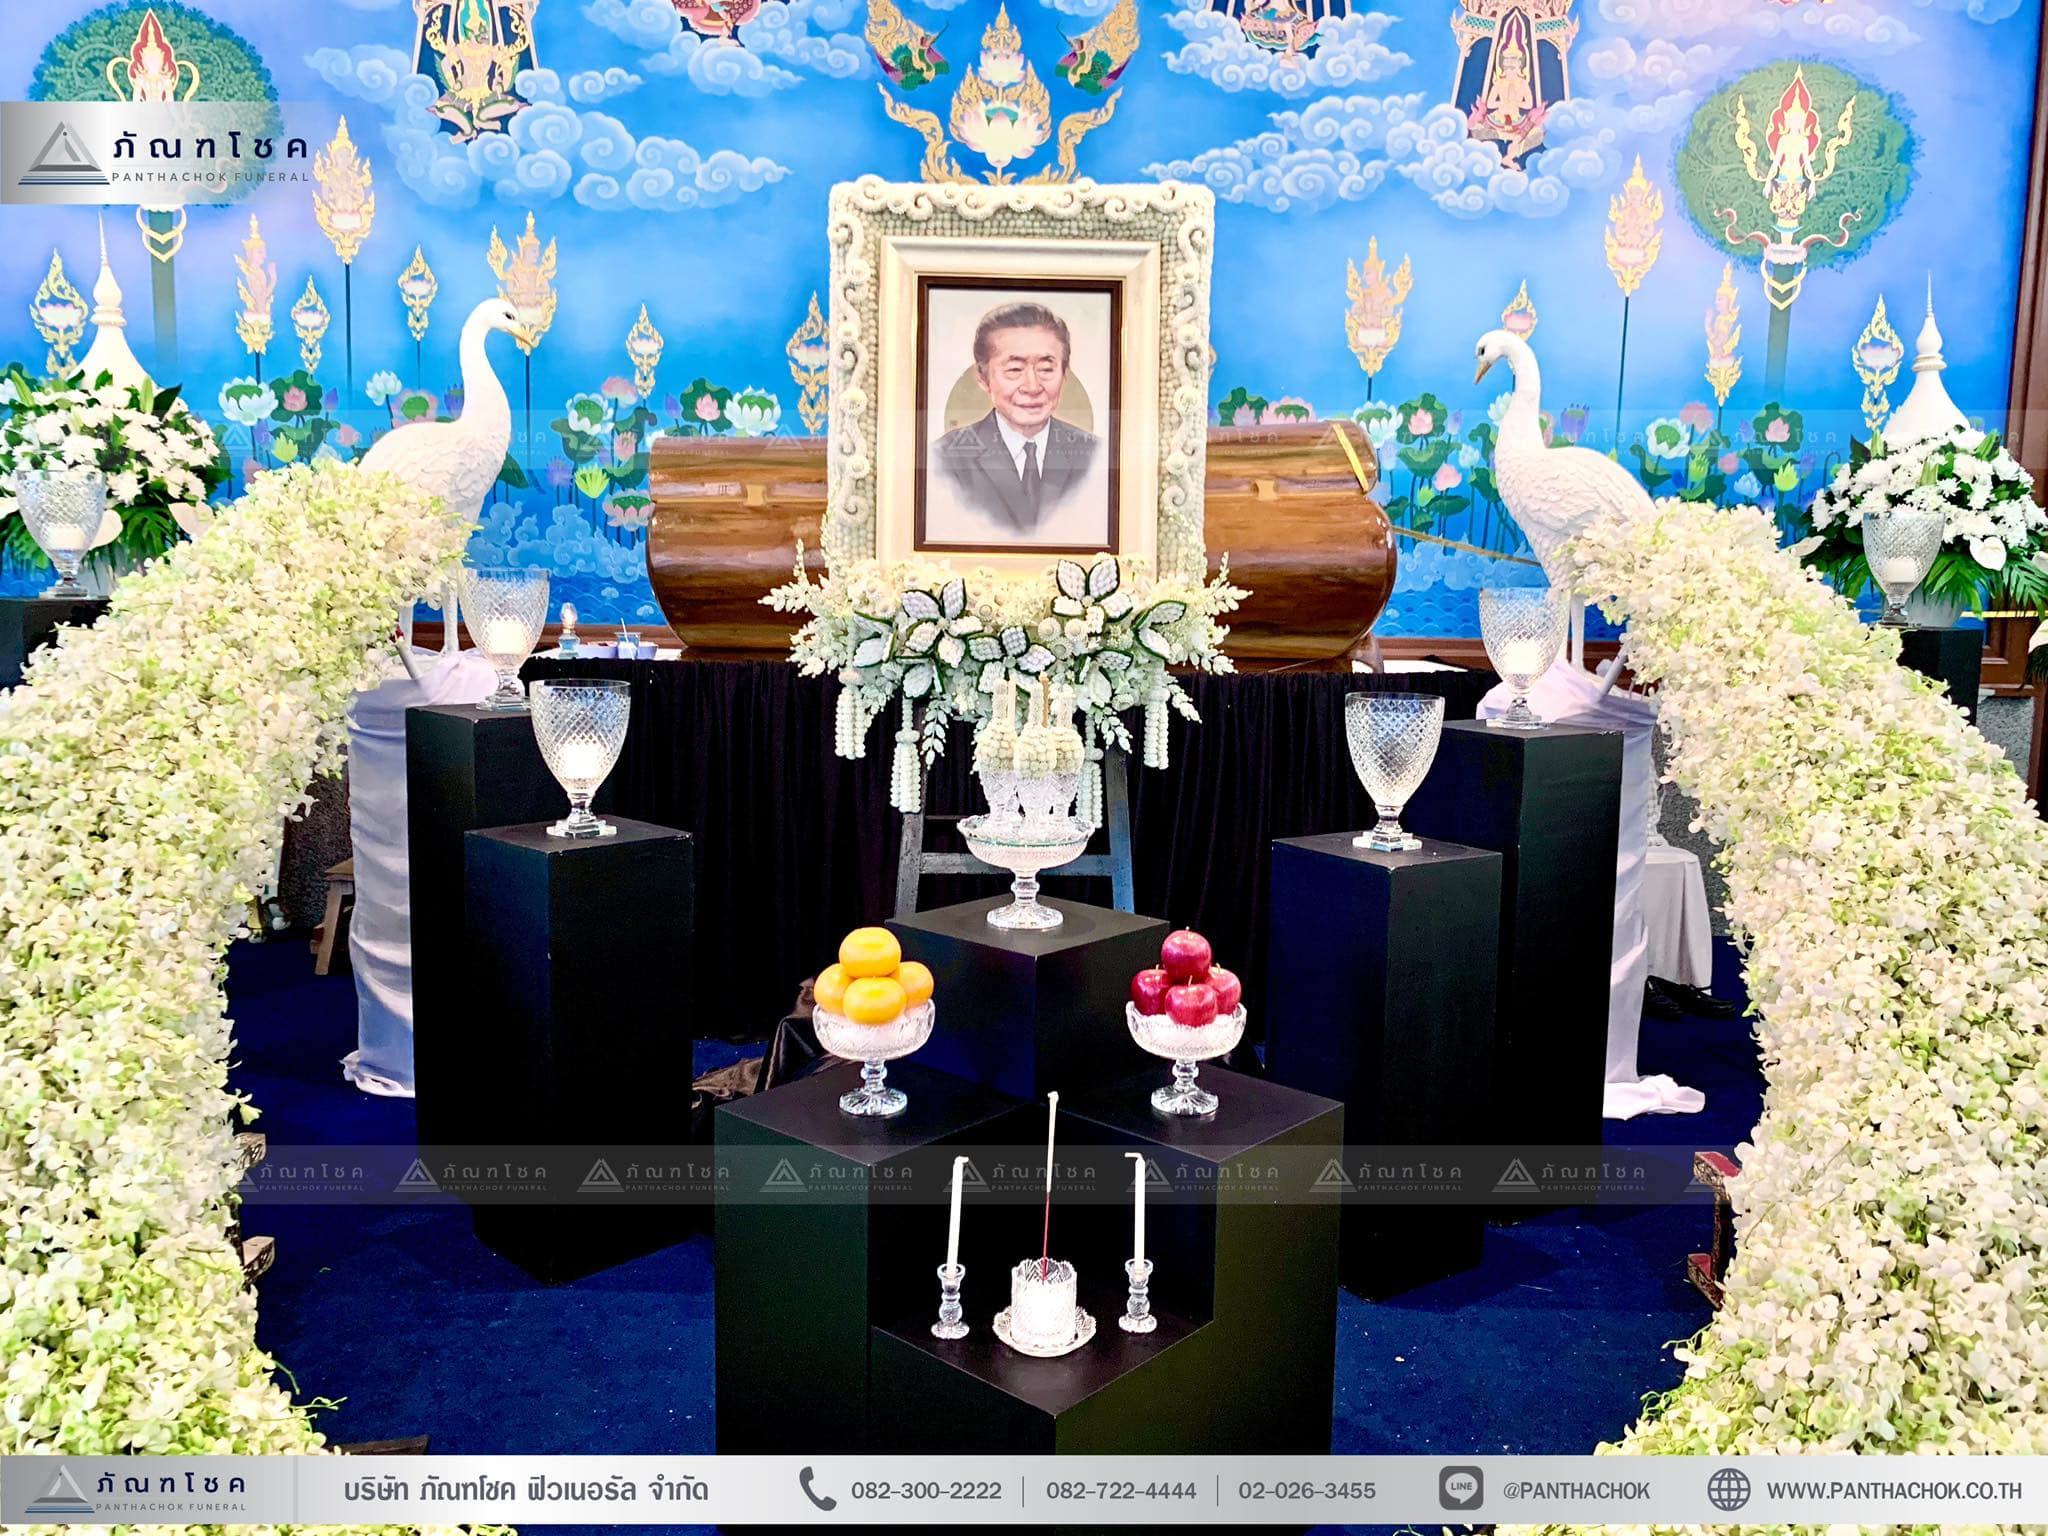 ดอกไม้งานศพรูปแบบโมเดิร์นผสานไทยประยุกต์ 4